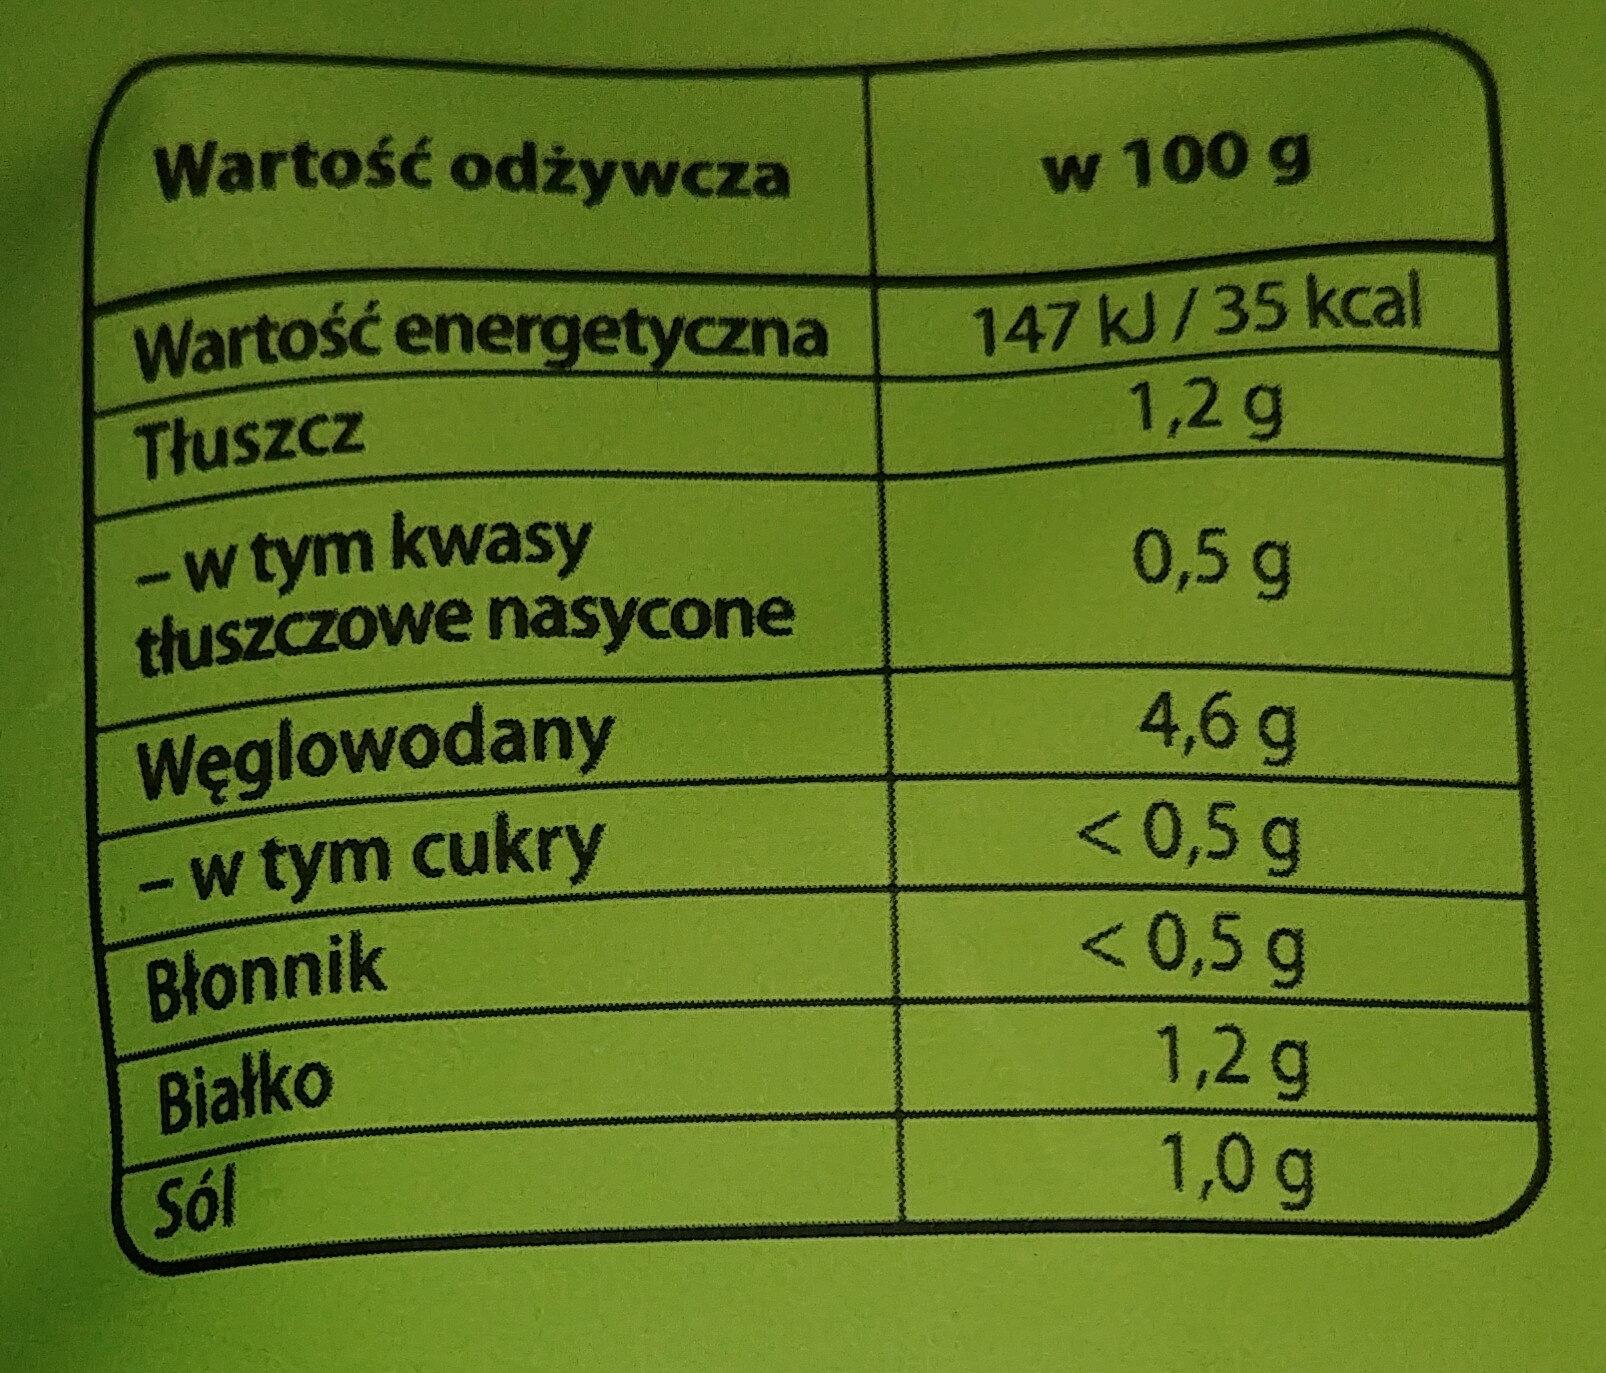 Krupnik z mięsem wieprzowym - Wartości odżywcze - pl